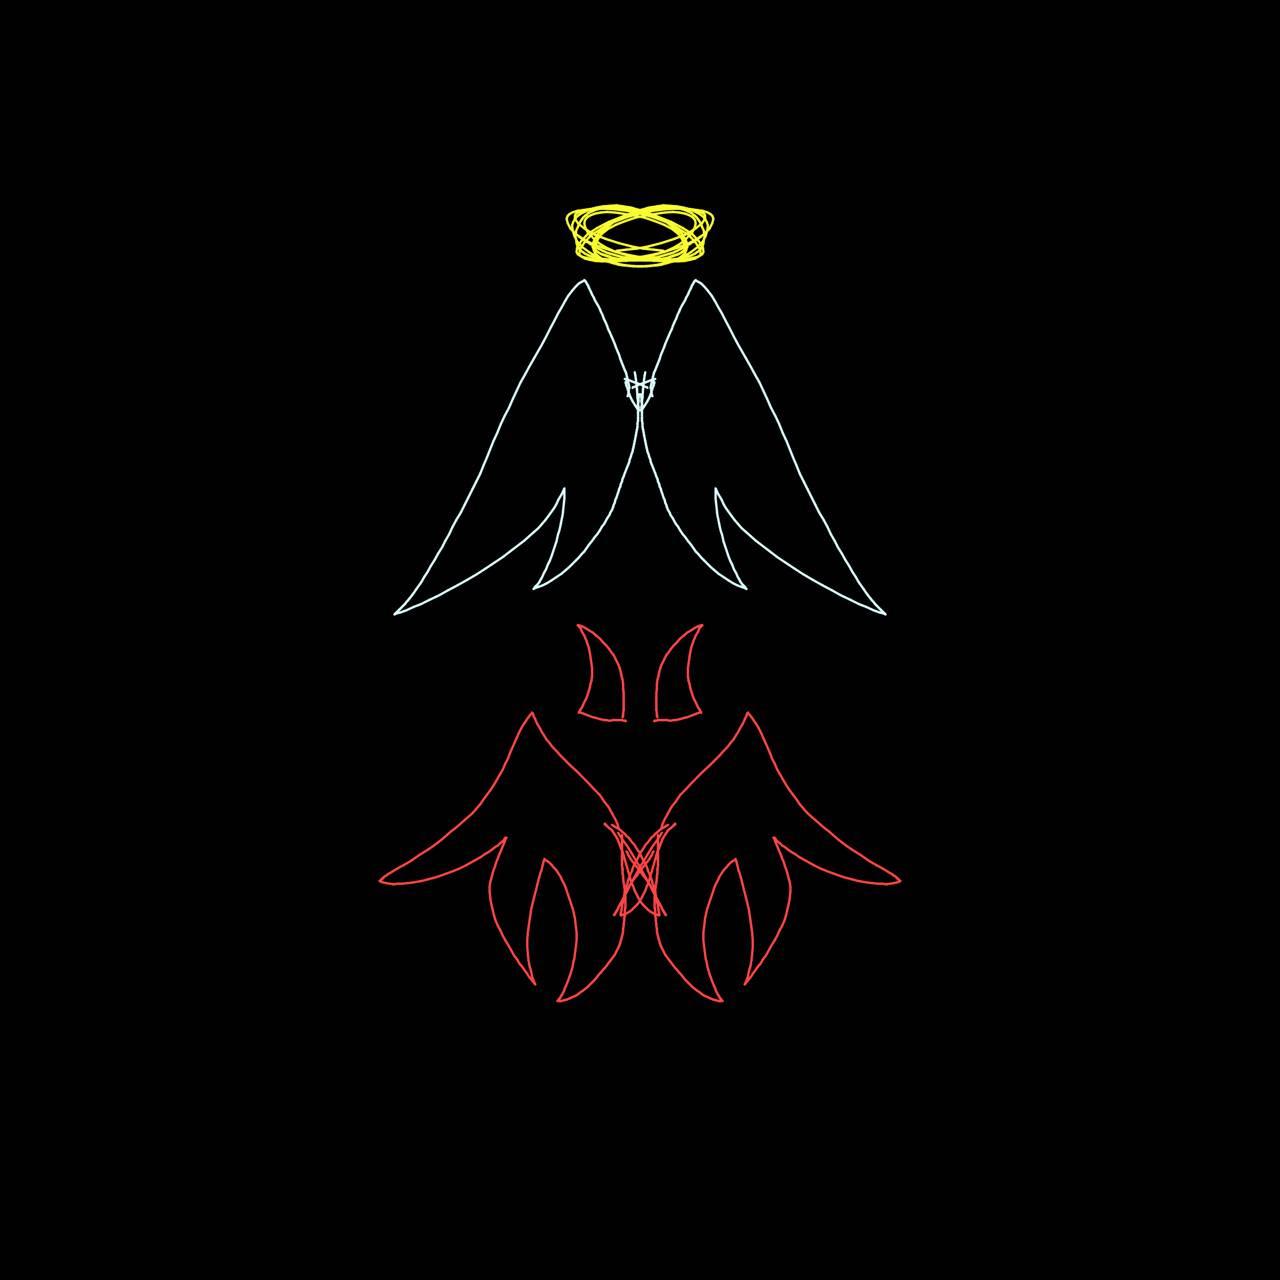 Wings of magic